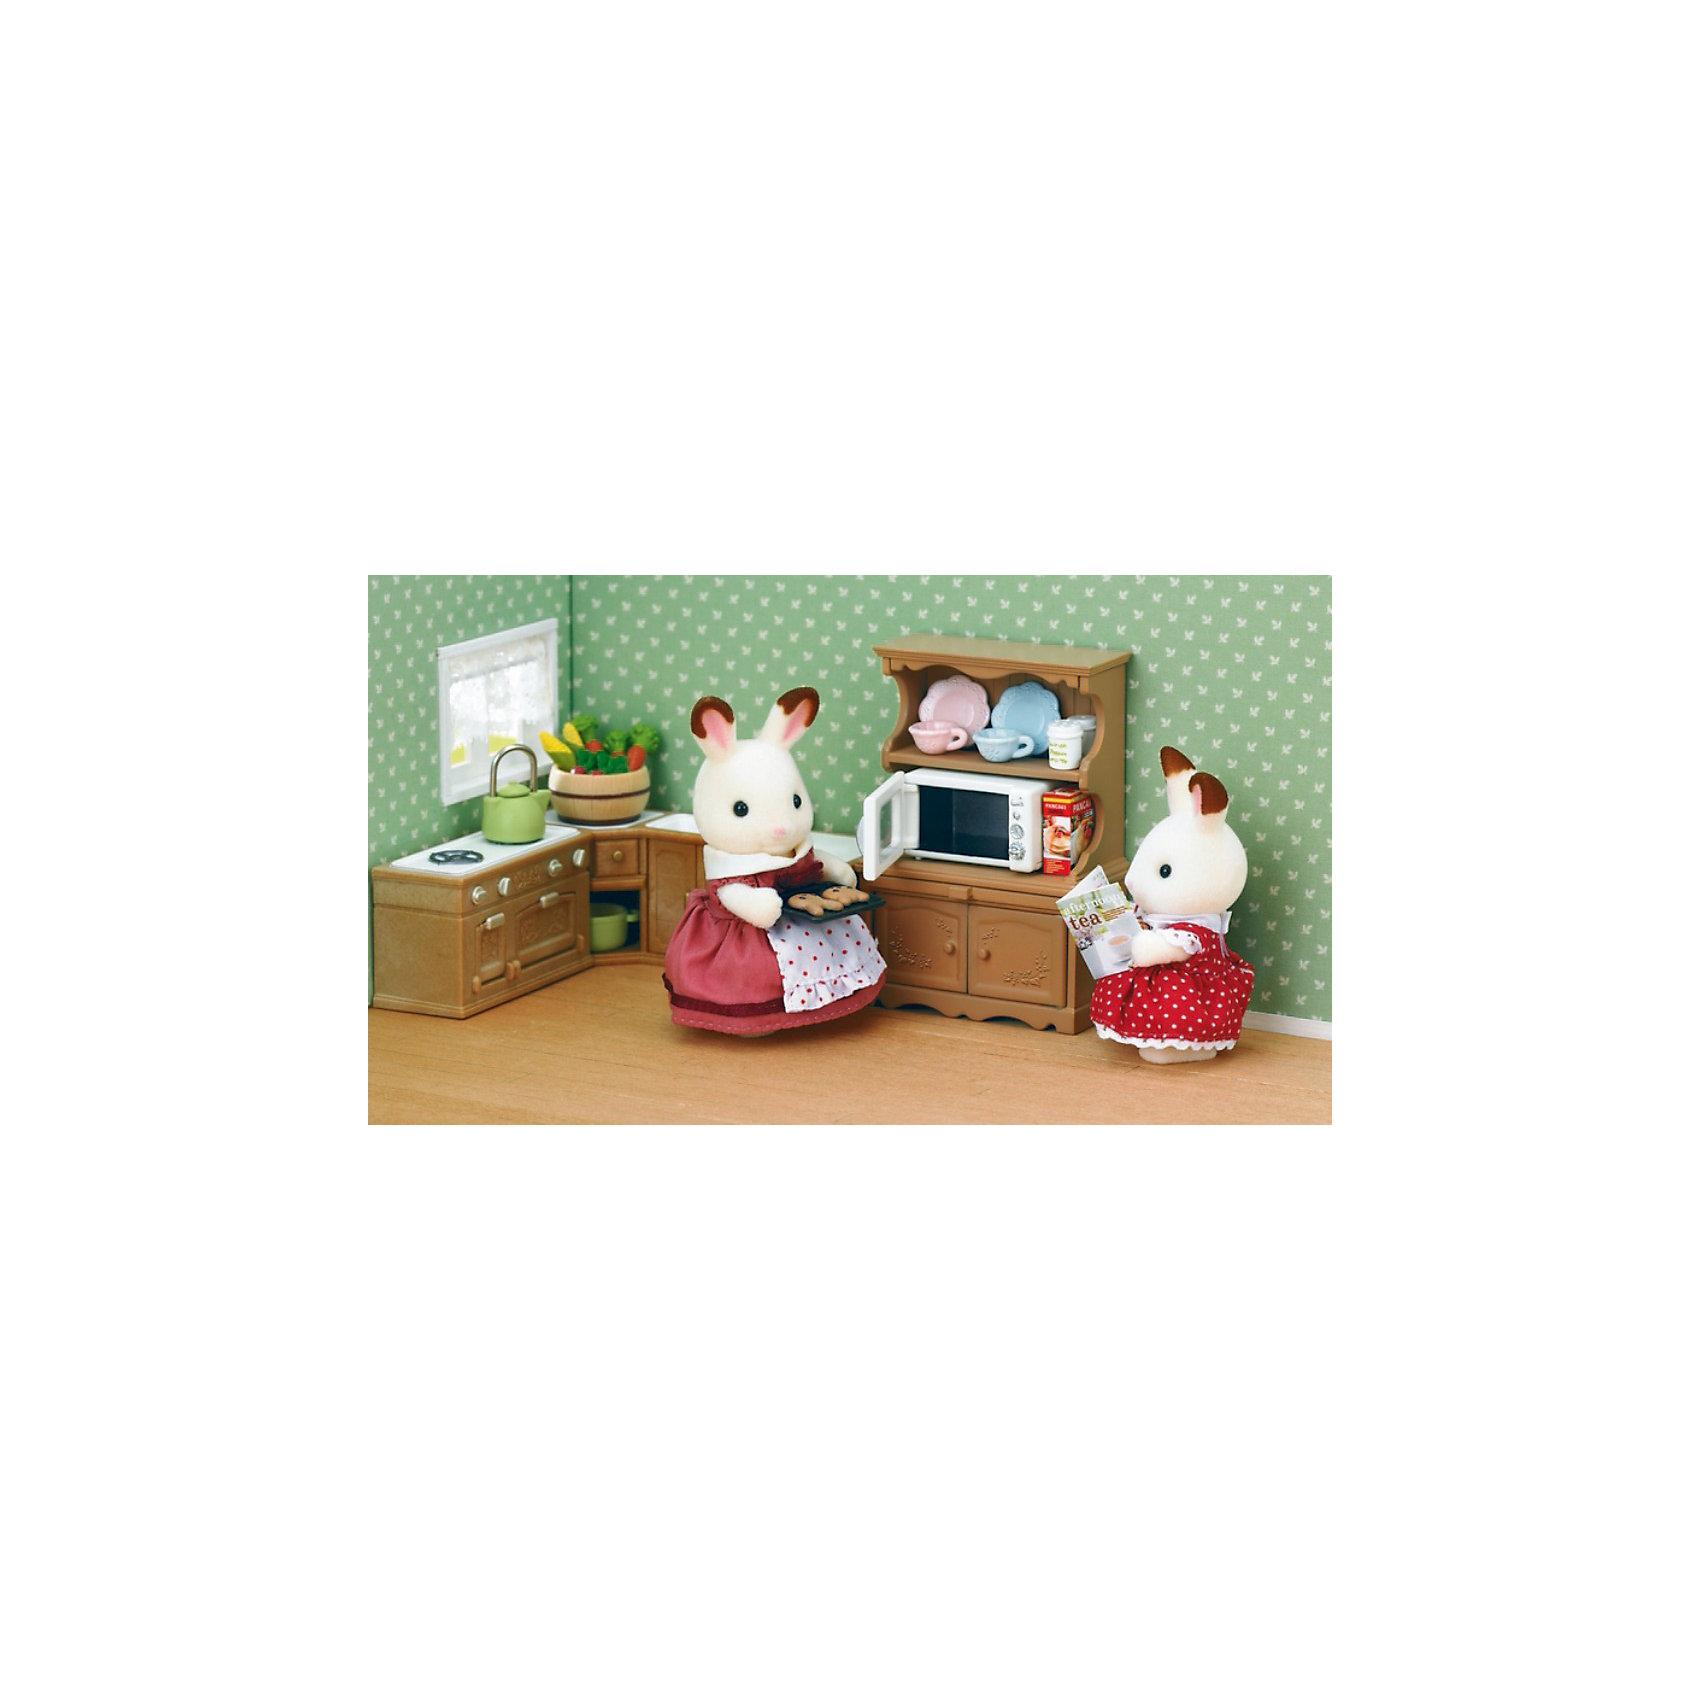 Набор Буфет с микроволновой печью Sylvanian FamiliesSylvanian Families<br>Каждой хозяйке нужна кухня, которая как следует обставлена необходимой мебелью и приборами, чтобы все было под рукой, когда она готовит вкусную еду для своих домашних. Разместить посуду, различные крупы и специи можно в удобном и красивом буфете, который будет вписываться в кухонный интерьер.<br><br>В наборе Буфет с микроволновой печью от Sylvanian Families (Сильваниан Фэмилиес):<br>- буфет, <br>- микроволновая печь, <br>- тарелки, <br>- чашки, <br>- поднос, <br>- пирог, <br>- коробки с продуктами<br>- аксессуары.<br><br>Размеры: 11,5 x10x5,2 см.<br><br>Ширина мм: 120<br>Глубина мм: 50<br>Высота мм: 100<br>Вес г: 125<br>Возраст от месяцев: 36<br>Возраст до месяцев: 144<br>Пол: Женский<br>Возраст: Детский<br>SKU: 3181209